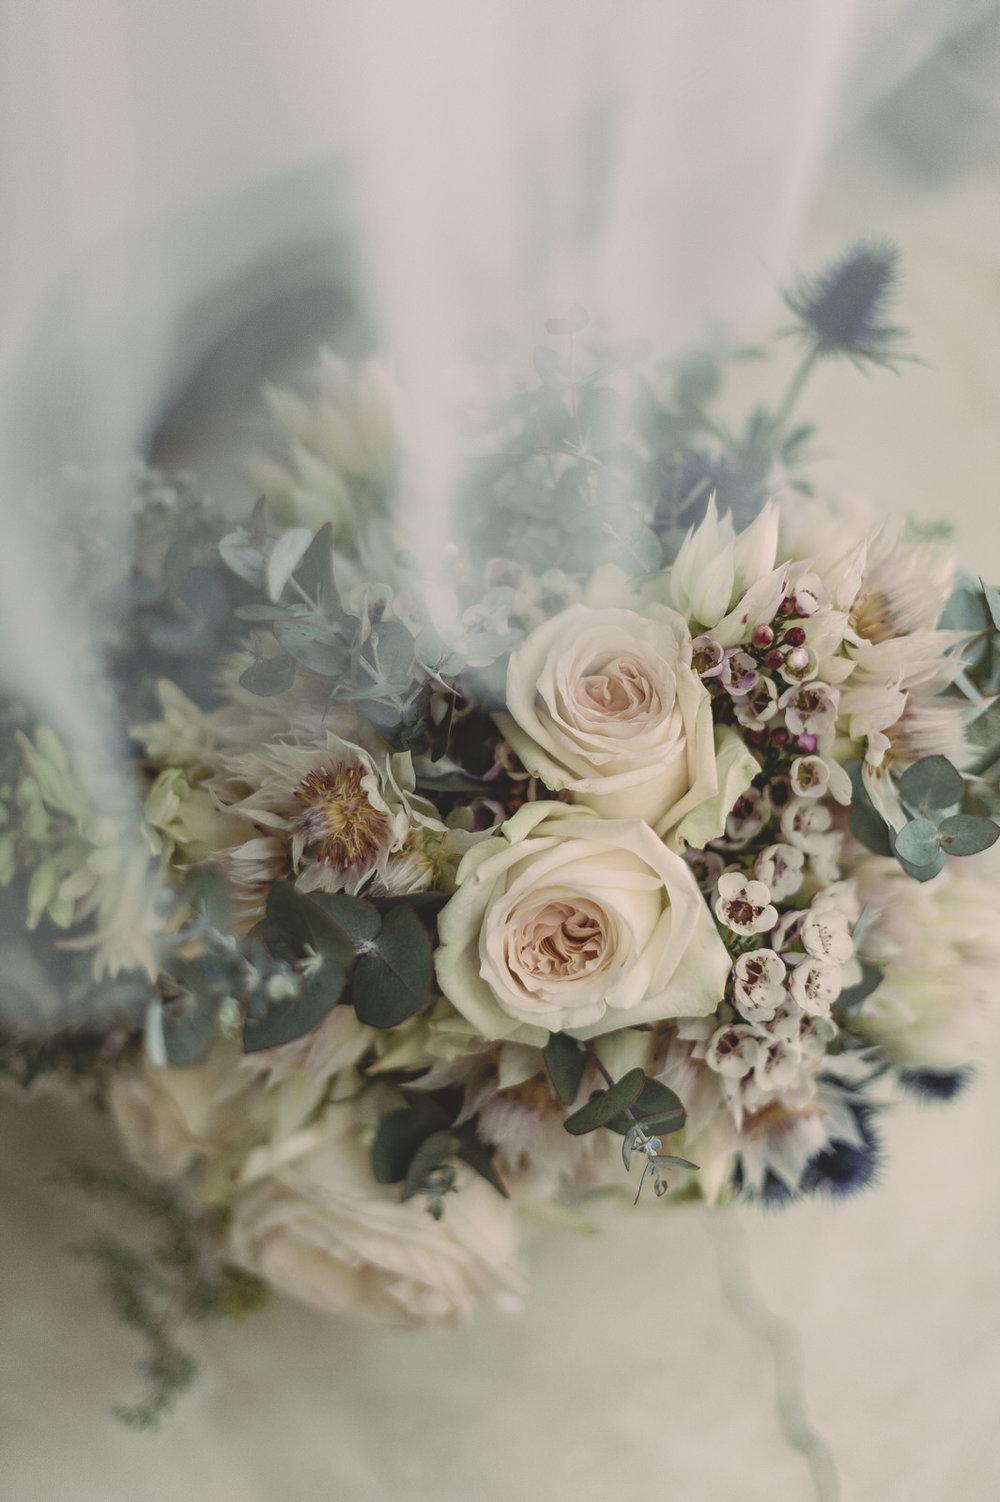 RyanParker_Wedding_Photographer_CapeTown_Hermanus_Paternoster_Gelukkie_JR_DSC_1310.jpg